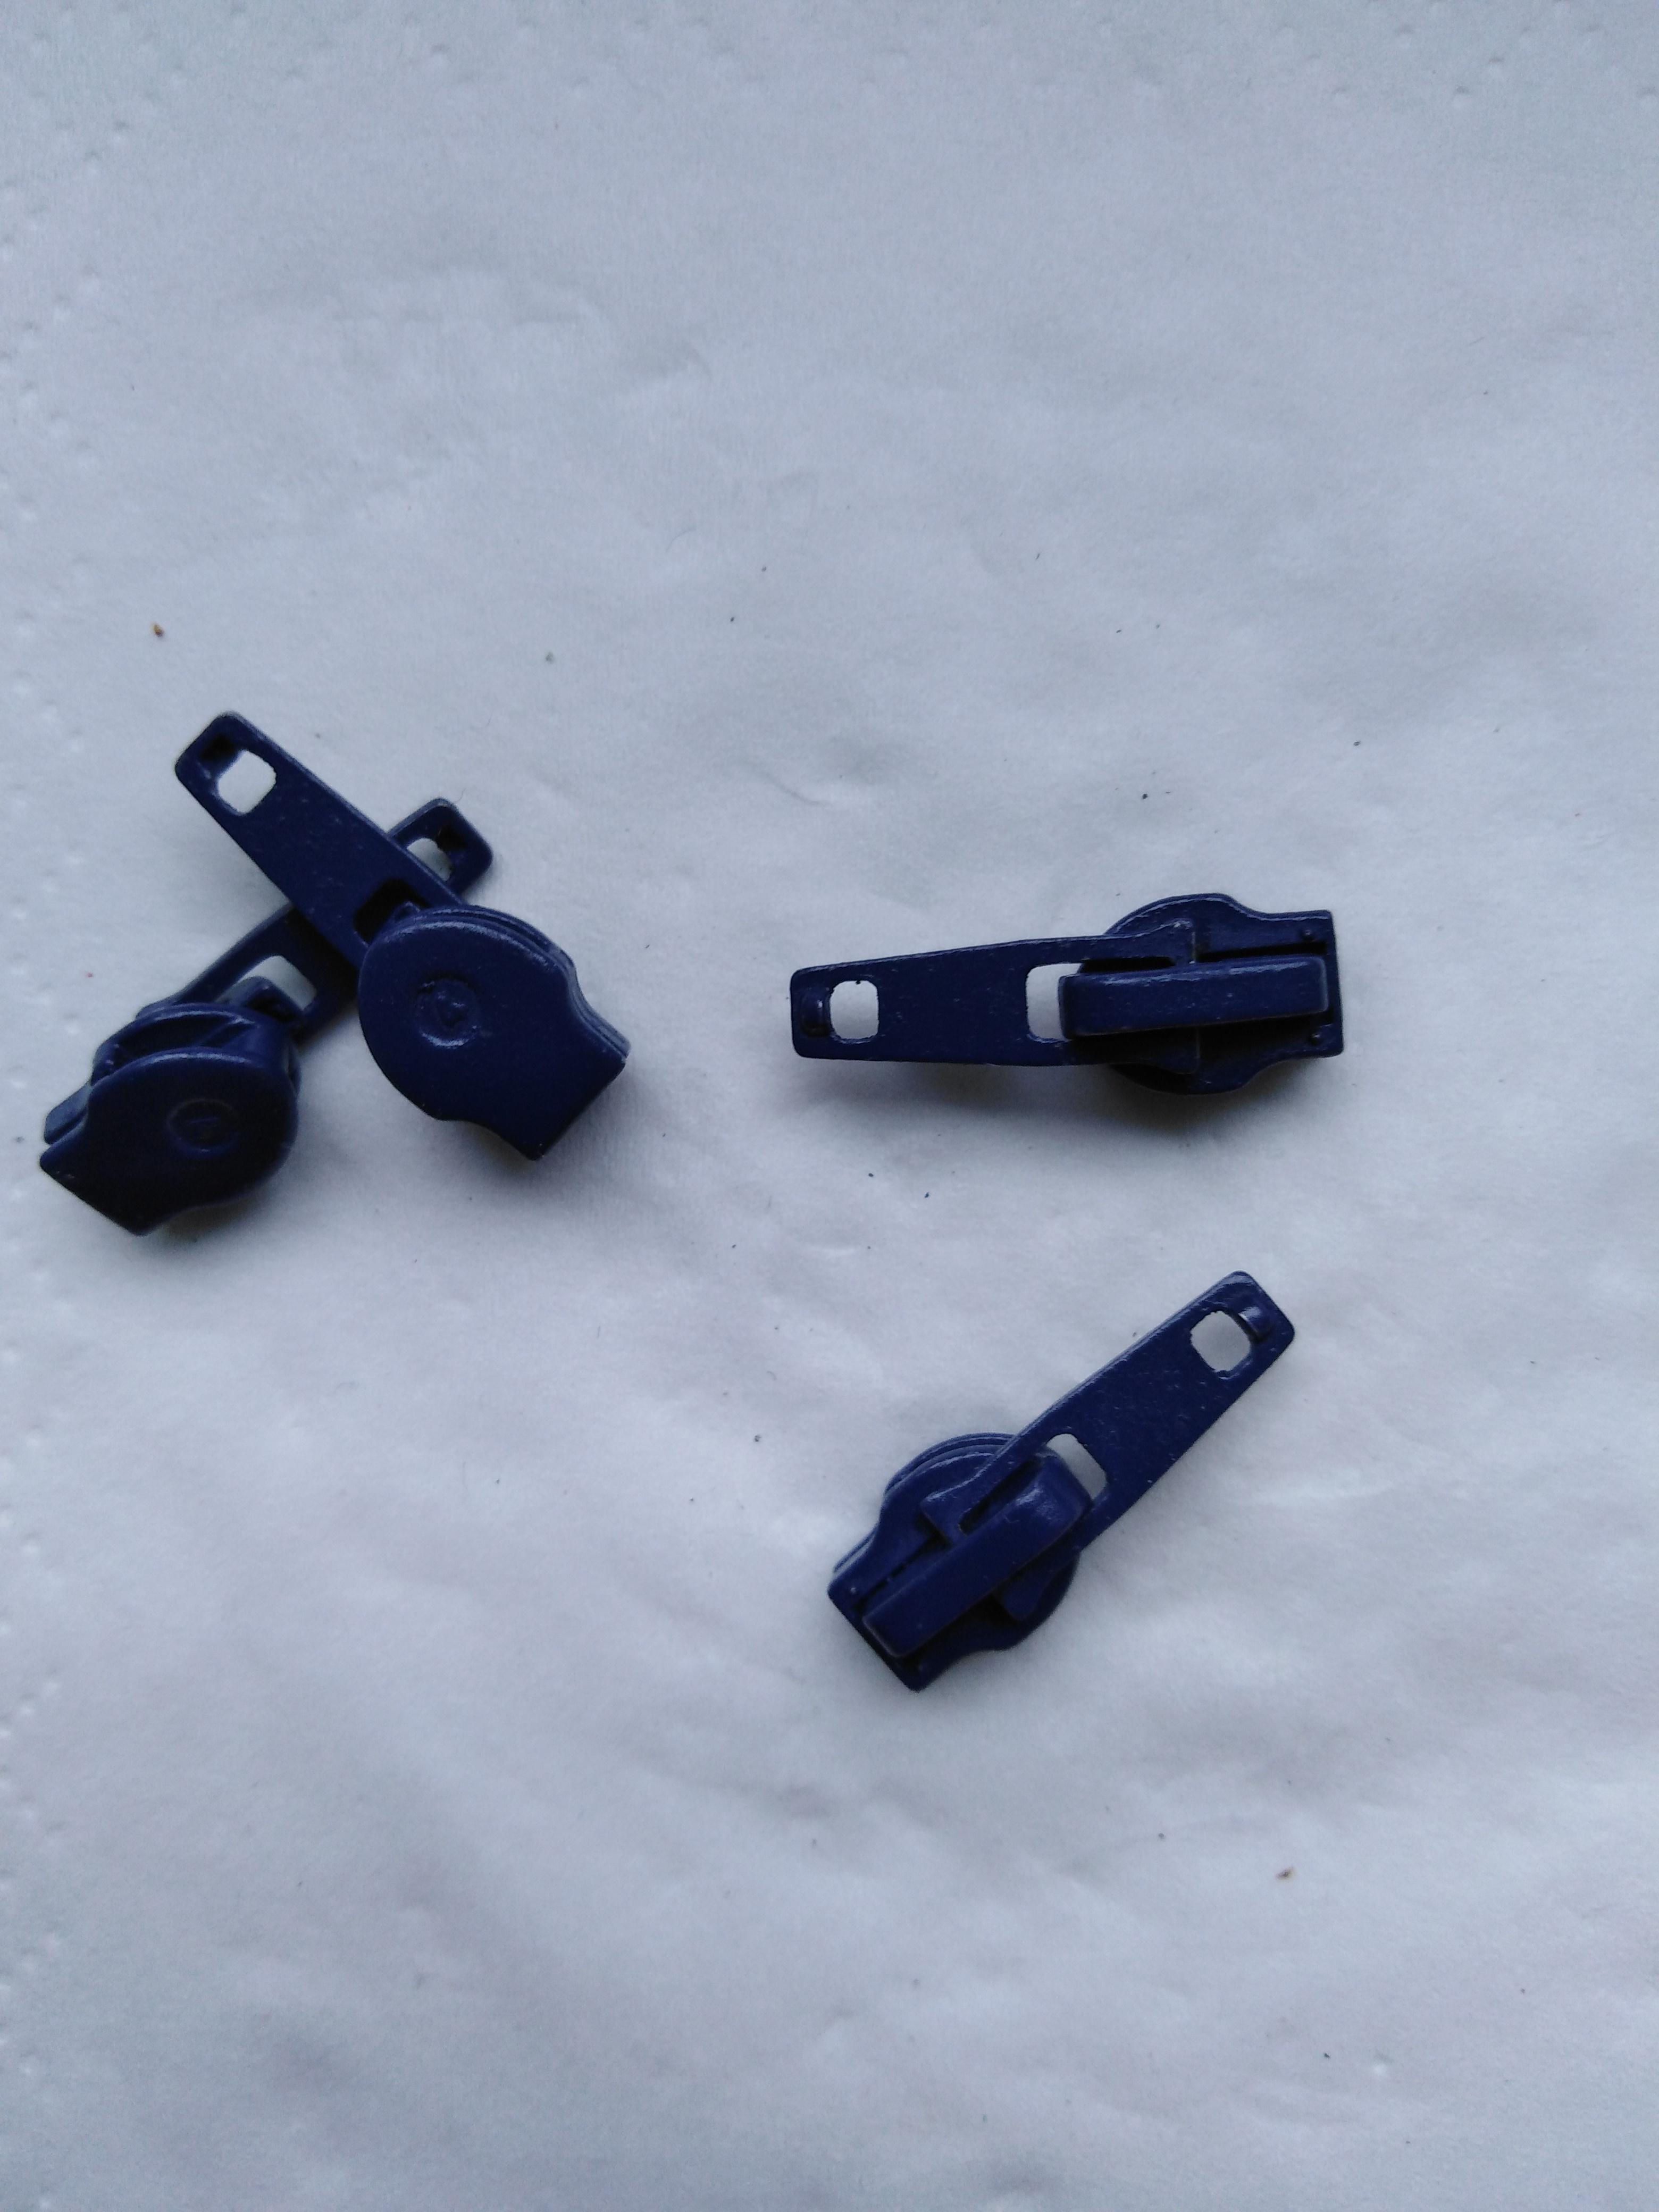 Jezdec k zipům WS0 aretační lakovaný tmavě modrý